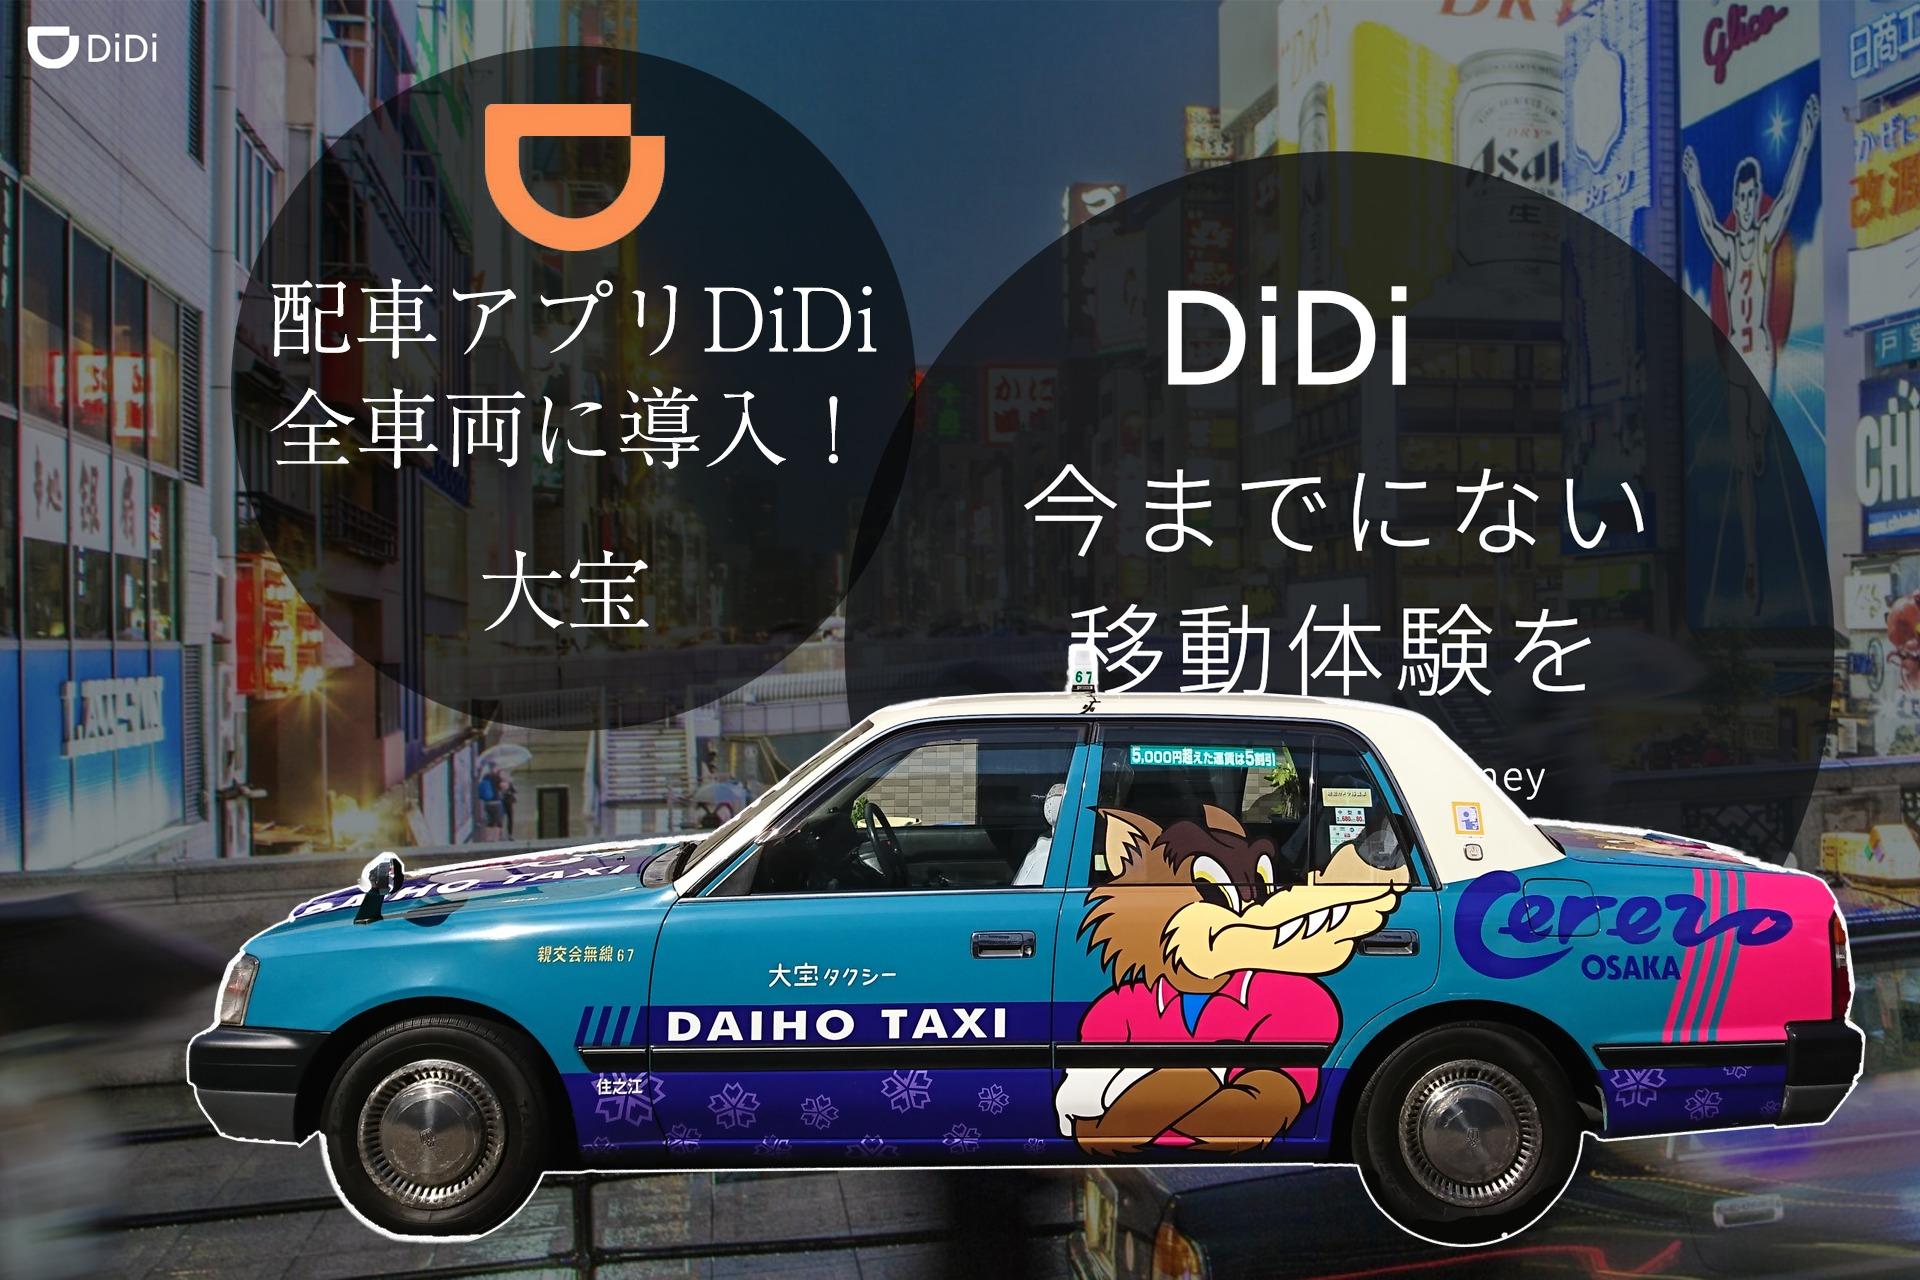 【表彰】大宝タクシーが大阪No.1! 大阪で一番のDiDiアプリによる売上を本国から表彰されました。